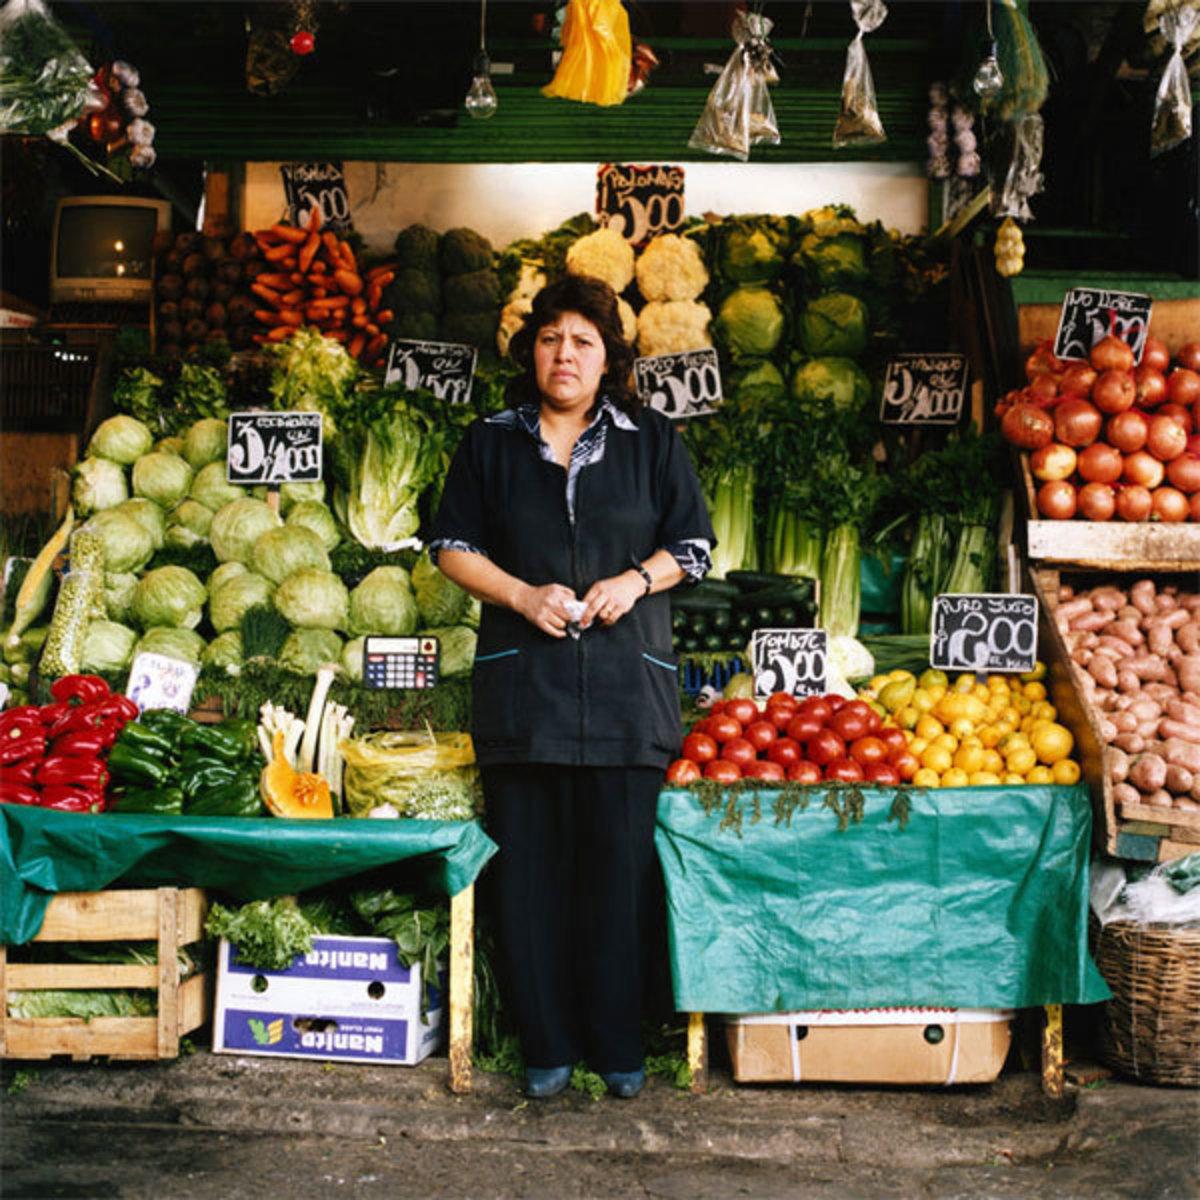 Fruit and Vegetables Stall #1, La Vega Central, Santiago, Chile